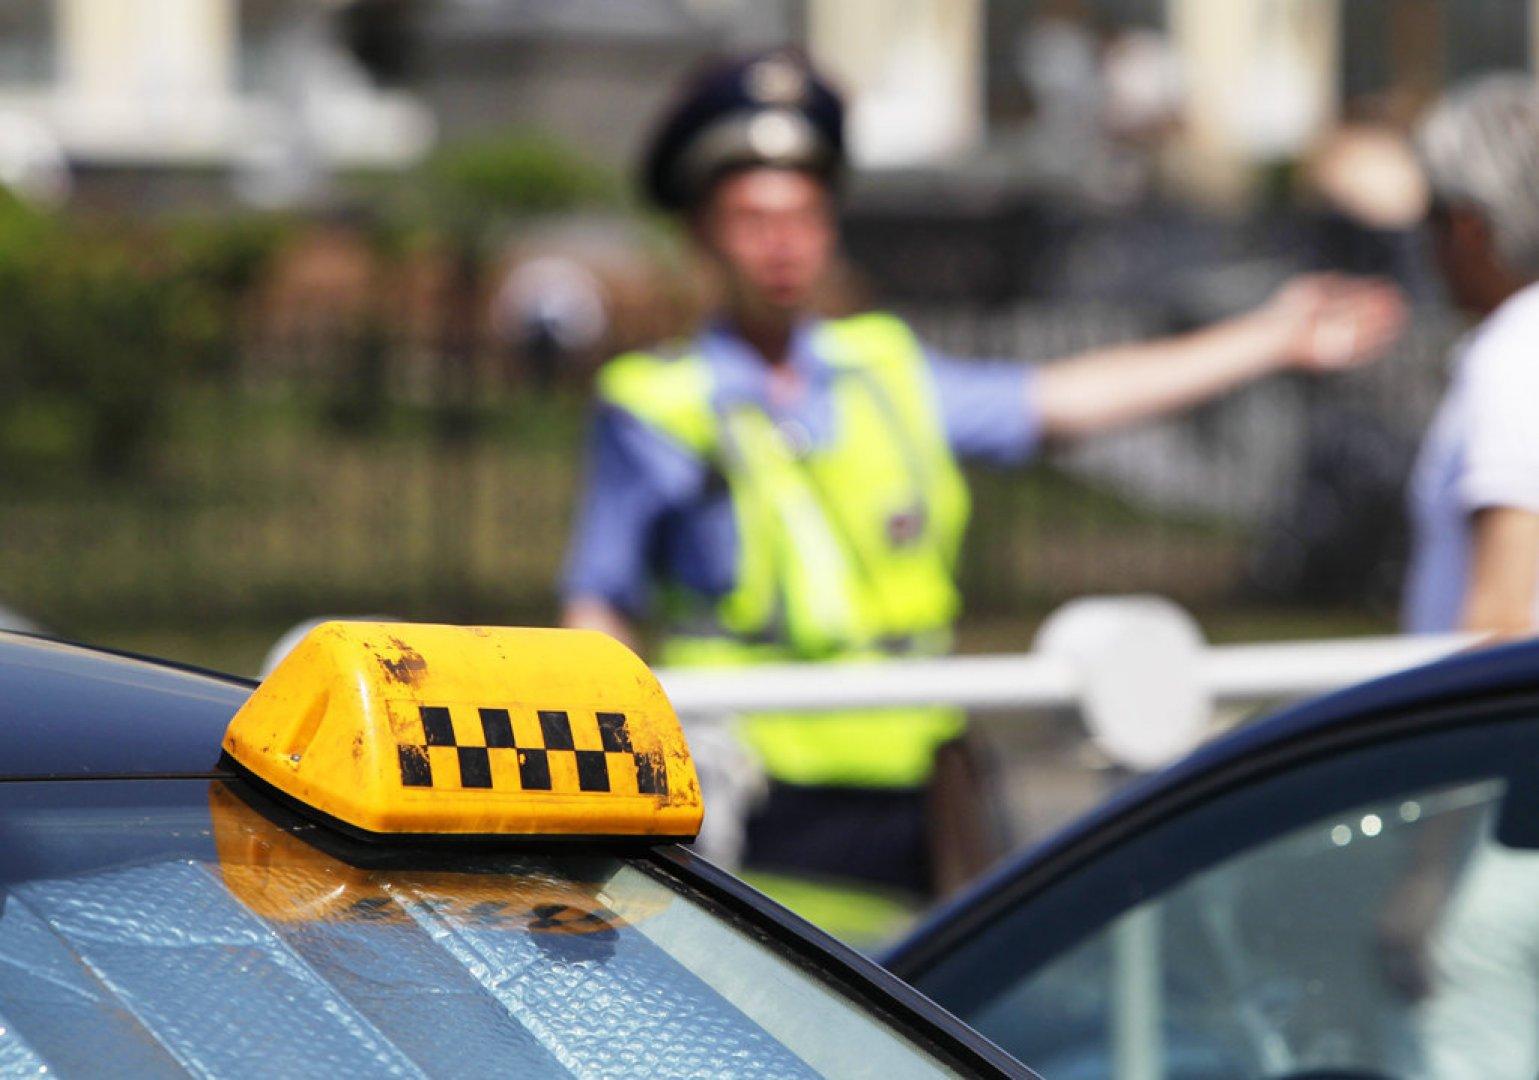 нелегальное такси картинка больше